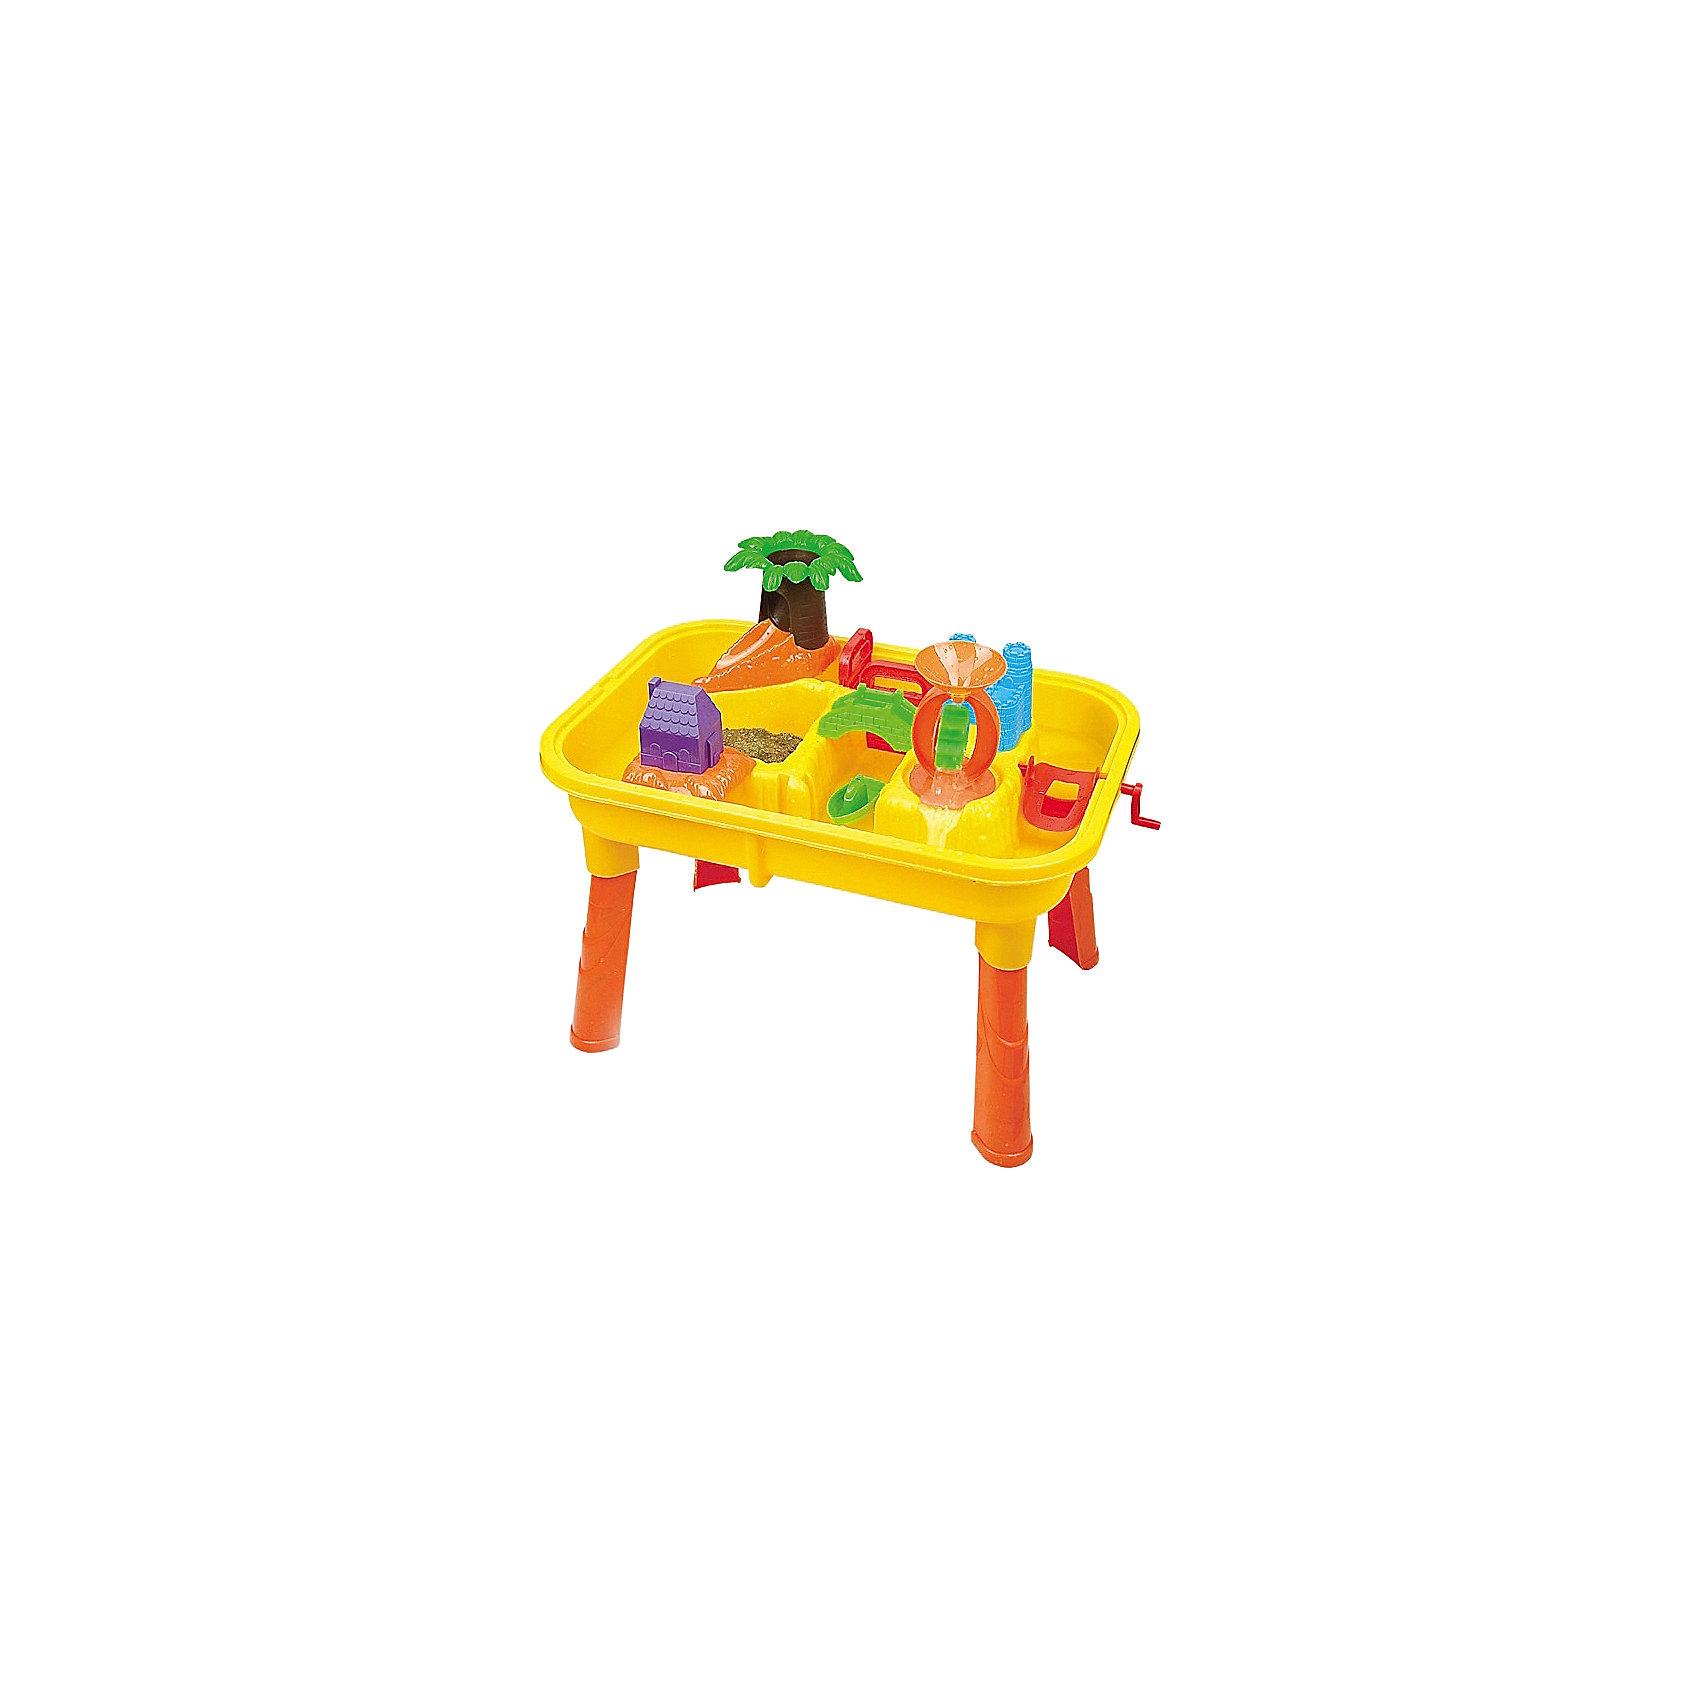 Стол для игр с песком и водой Джунгли, с аксессуарами, Hualian ToysСтол для игр с песком и водой Джунгли, Hualian Toys, вызовет восторг у Вашего малыша. Эта оригинальная игрушка разнообразит игры на открытом воздухе и поможет весело провести время на природе или на пляже. Столешница представляет из себя настоящие джунгли с пальмами, протоками, мостом, песочными берегами и кораблем исследователей. Вода, льющаяся сквозь тоннель, крутит колесо, которое распределяет воду в верхнюю и нижнюю гавань. Благодаря надежным креплениям, столик легко собирается, а сняв ножки, Вы сможете быстро превратить его в песочницу. В комплект входят множество дополнительных деталей, которые превратят игру в настоящее захватывающее приключение: фигурки кораблей, формочки, листья пальмы, лопатка, ковшик и другие интересные для ребенка предметы. Игрушка выполнена из экологически чистого и высококачественного материала, не содержащего в составе вредных красителей. <br><br>Дополнительная информация:        <br><br>- В комплекте: стол, ковшик, стакан, 2 кораблика, черпак, лопатка-грабли, 2 пробки, 3 формочки, держатель, листья дерева, ствол дерева, слайд, толкатель для воды, ручной толкатель для воды, водяное колесо, 2 вкладыша.<br>- Материал: пластик. <br>- Размер упаковки: 62 х 16 х 42 см.<br>- Вес: 3,13 кг.<br><br>Стол для игр с песком и водой Джунгли, с аксессуарами, Hualian Toys, можно купить в нашем интернет-магазине.<br><br>Ширина мм: 620<br>Глубина мм: 160<br>Высота мм: 420<br>Вес г: 3130<br>Возраст от месяцев: 36<br>Возраст до месяцев: 72<br>Пол: Унисекс<br>Возраст: Детский<br>SKU: 4622256